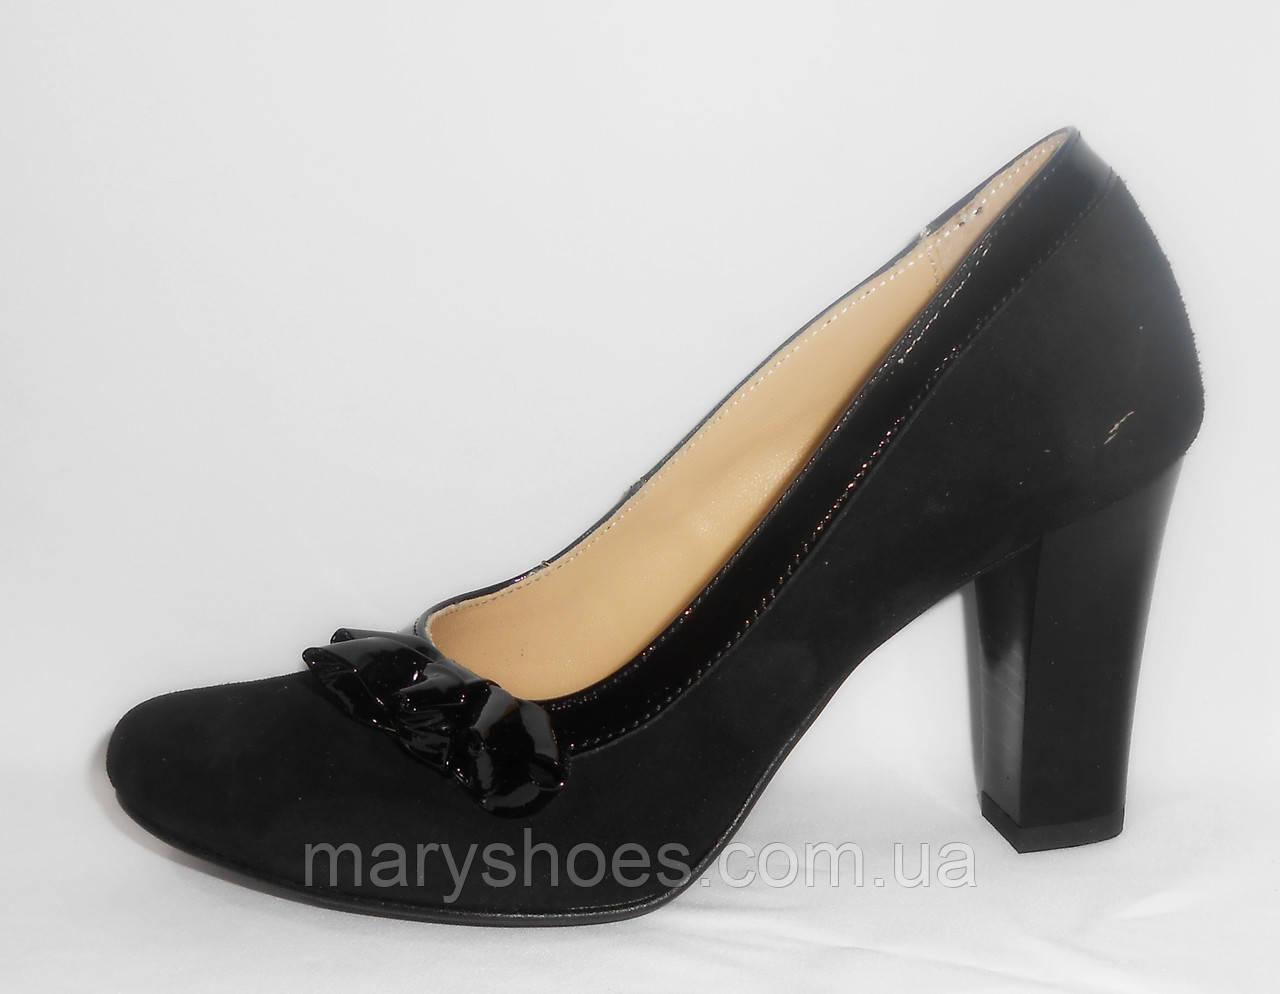 Модельные туфли на каблуке от 5 см кожаные женские